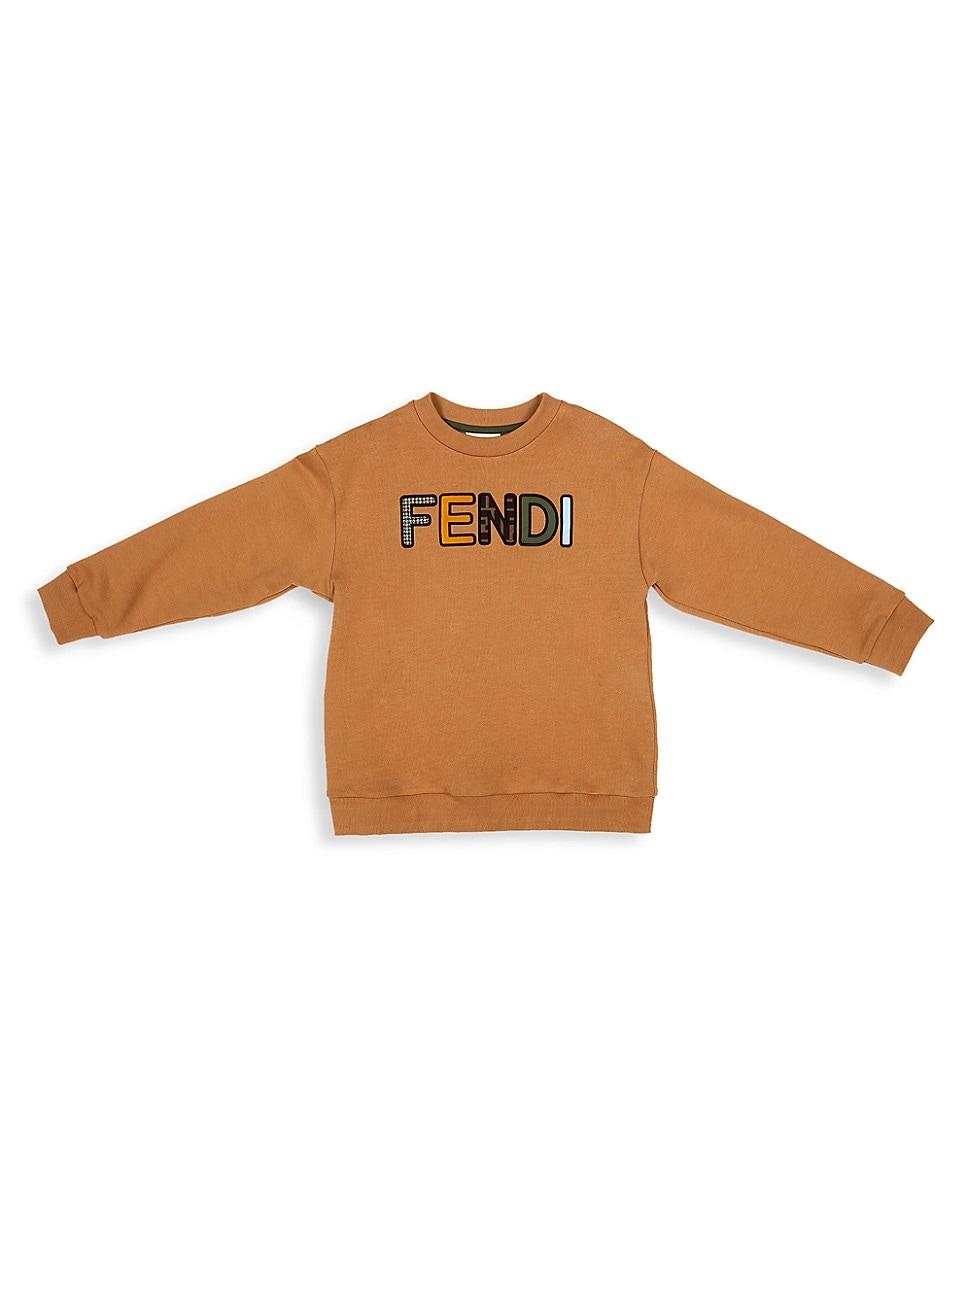 Fendi Little Kids & Kids Logo Sweatshirt In Camel